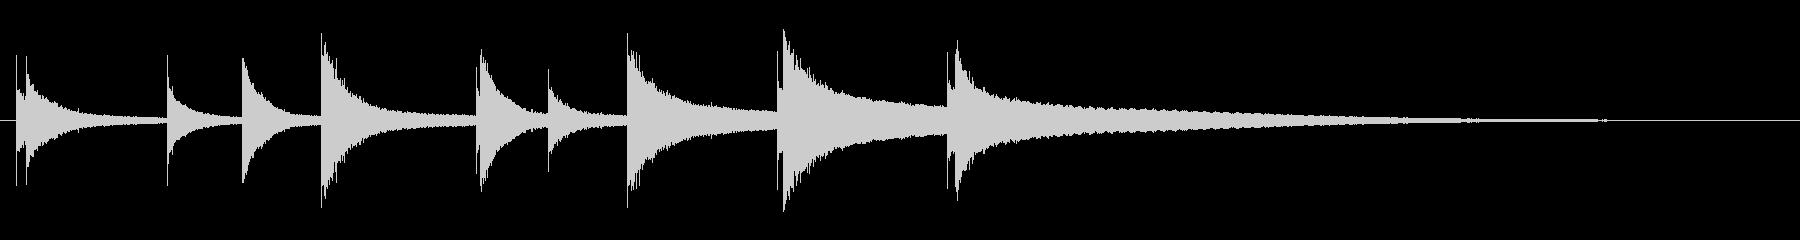 音楽ボックス、ショート、ミュージッ...の未再生の波形